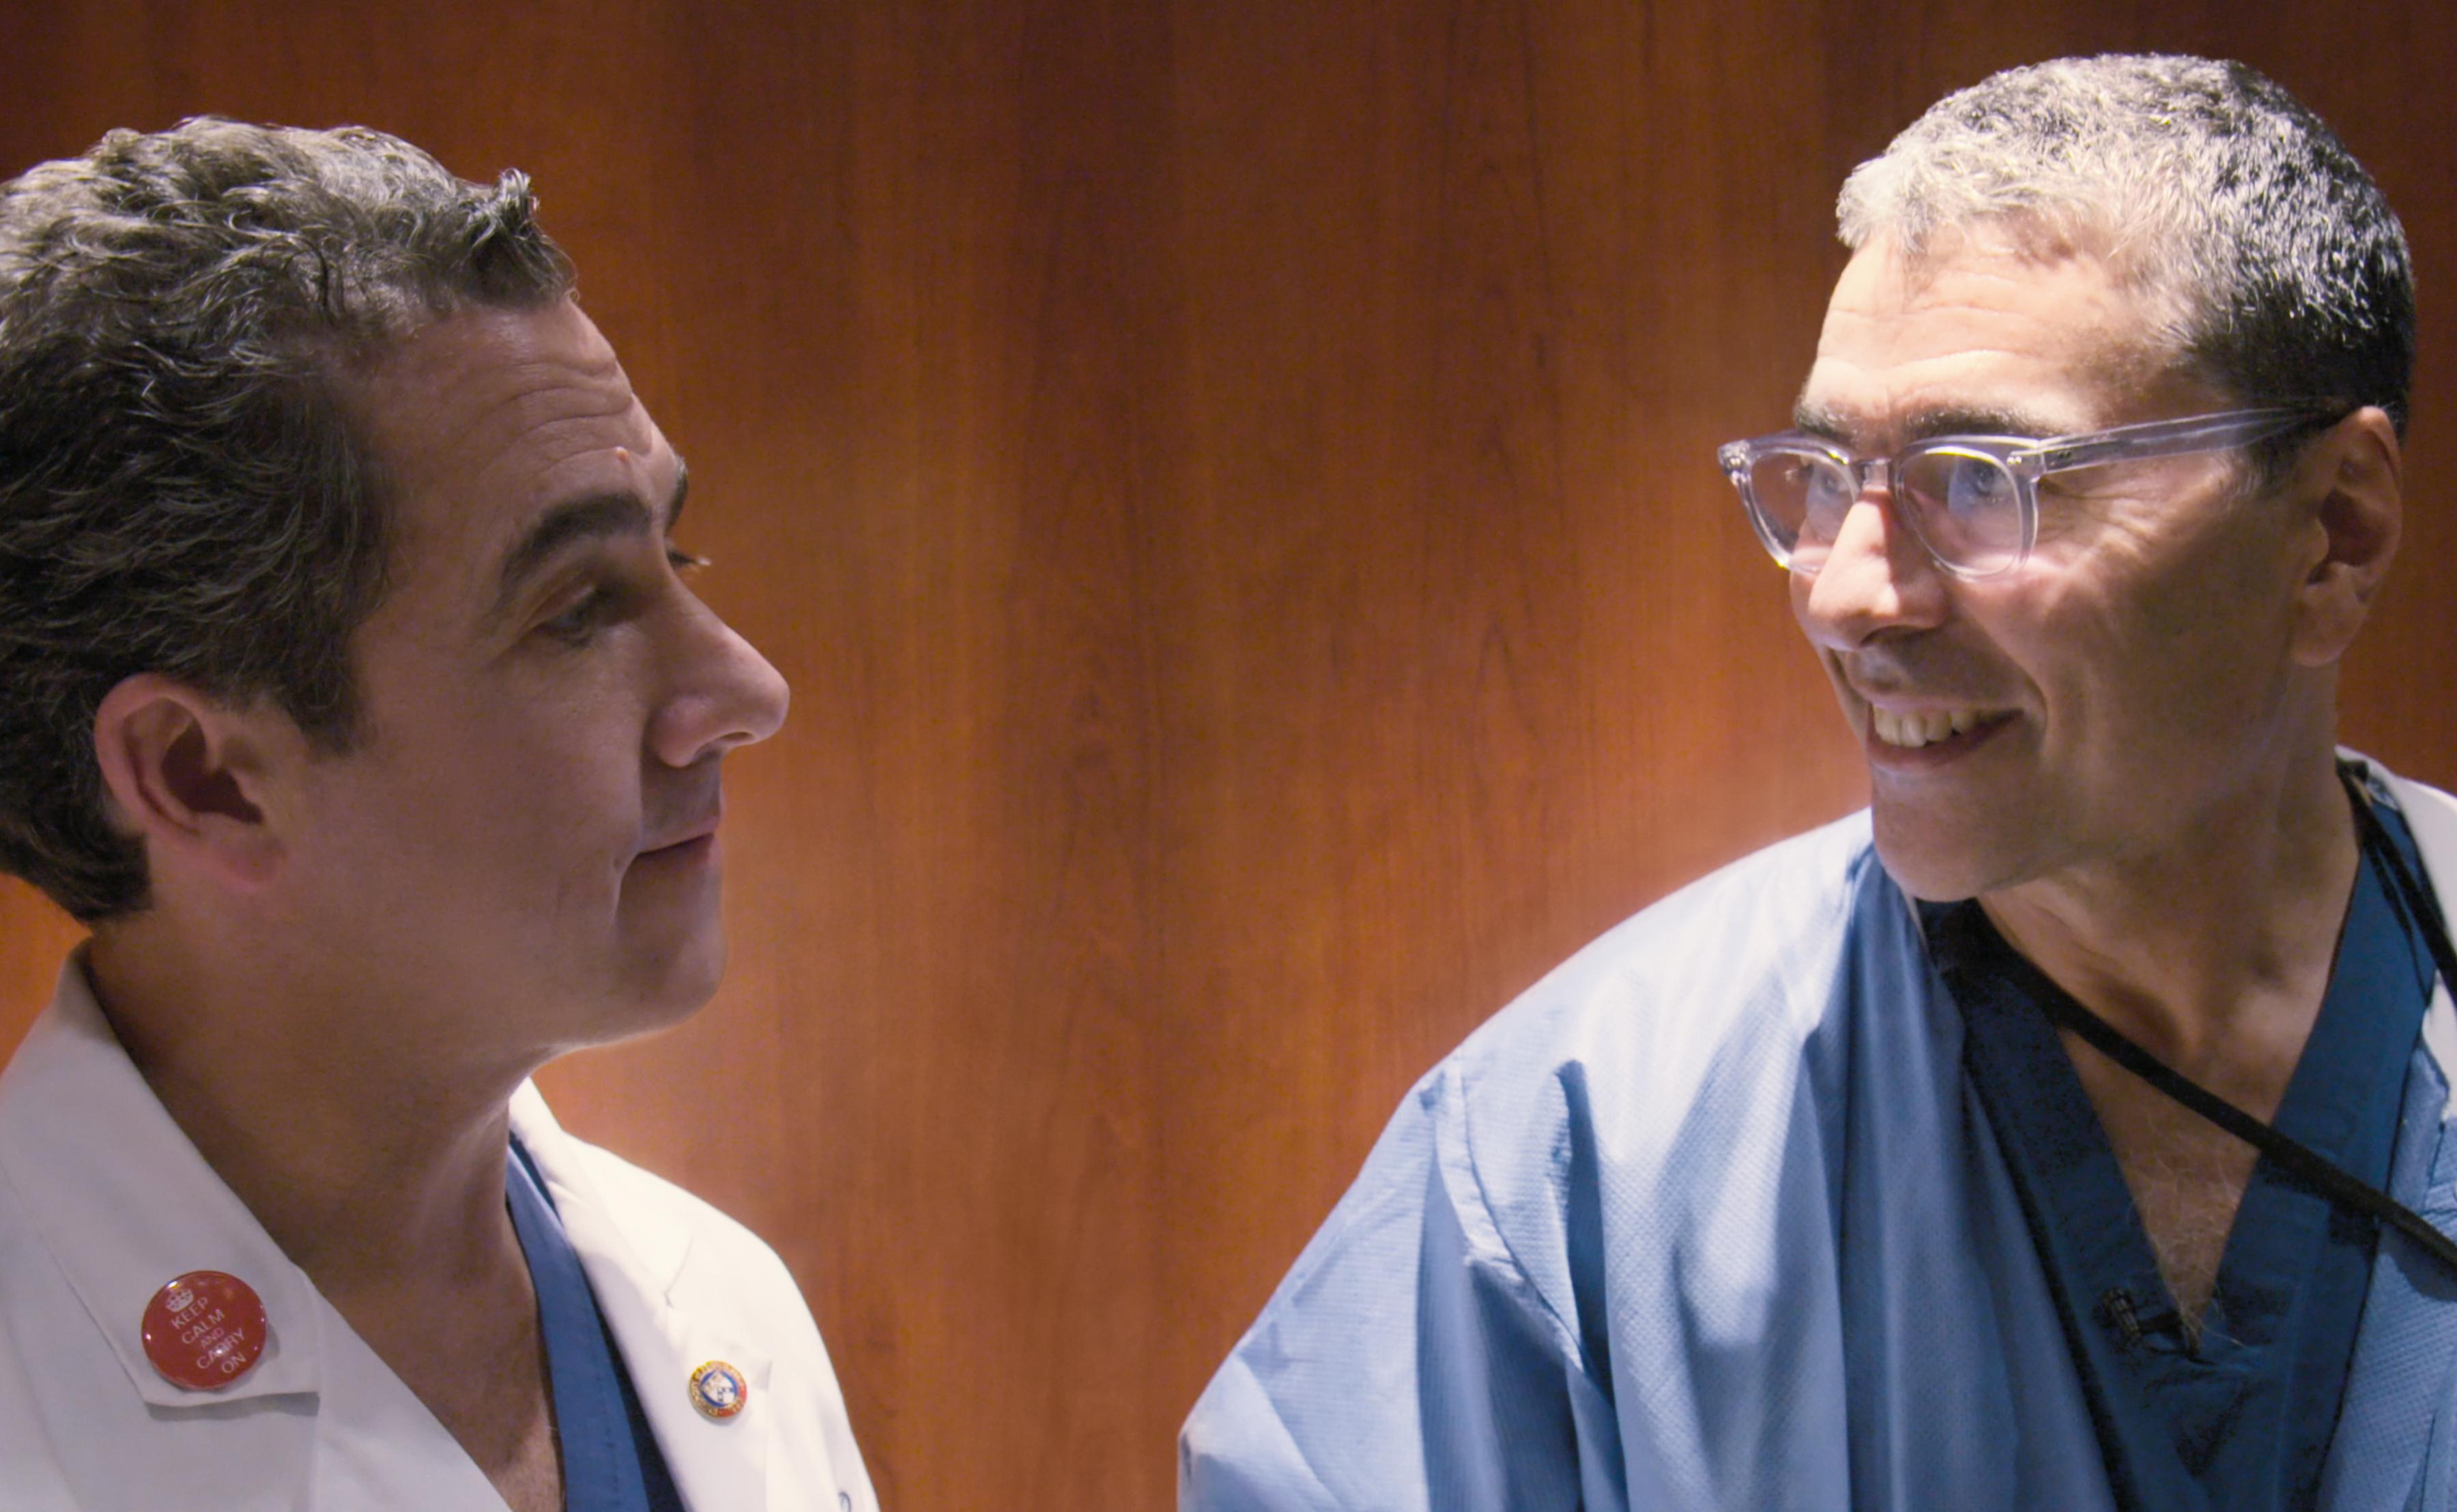 Dr. John Boockvar, left, and Dr. David Langer